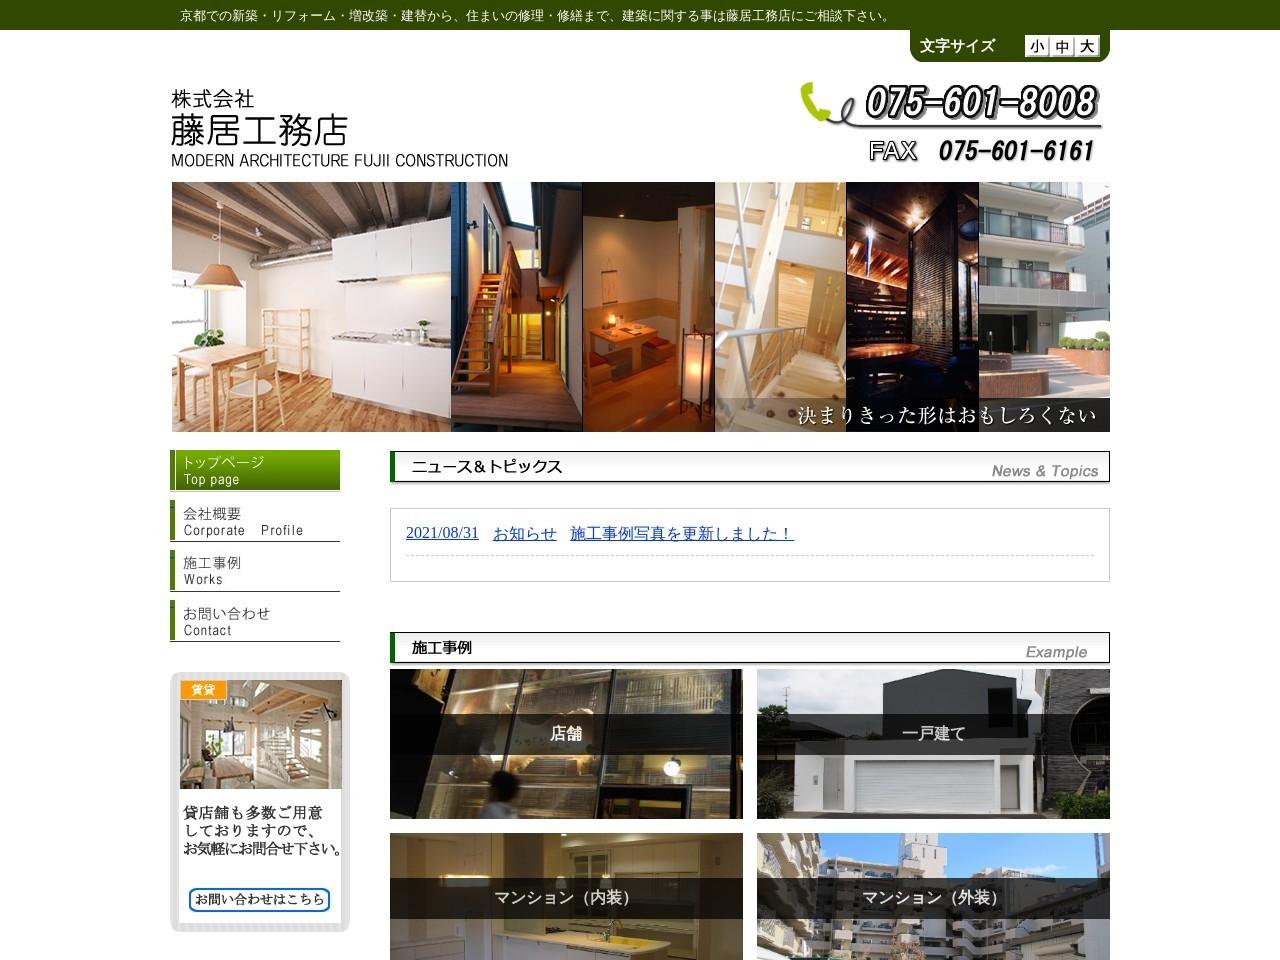 株式会社藤居工務店